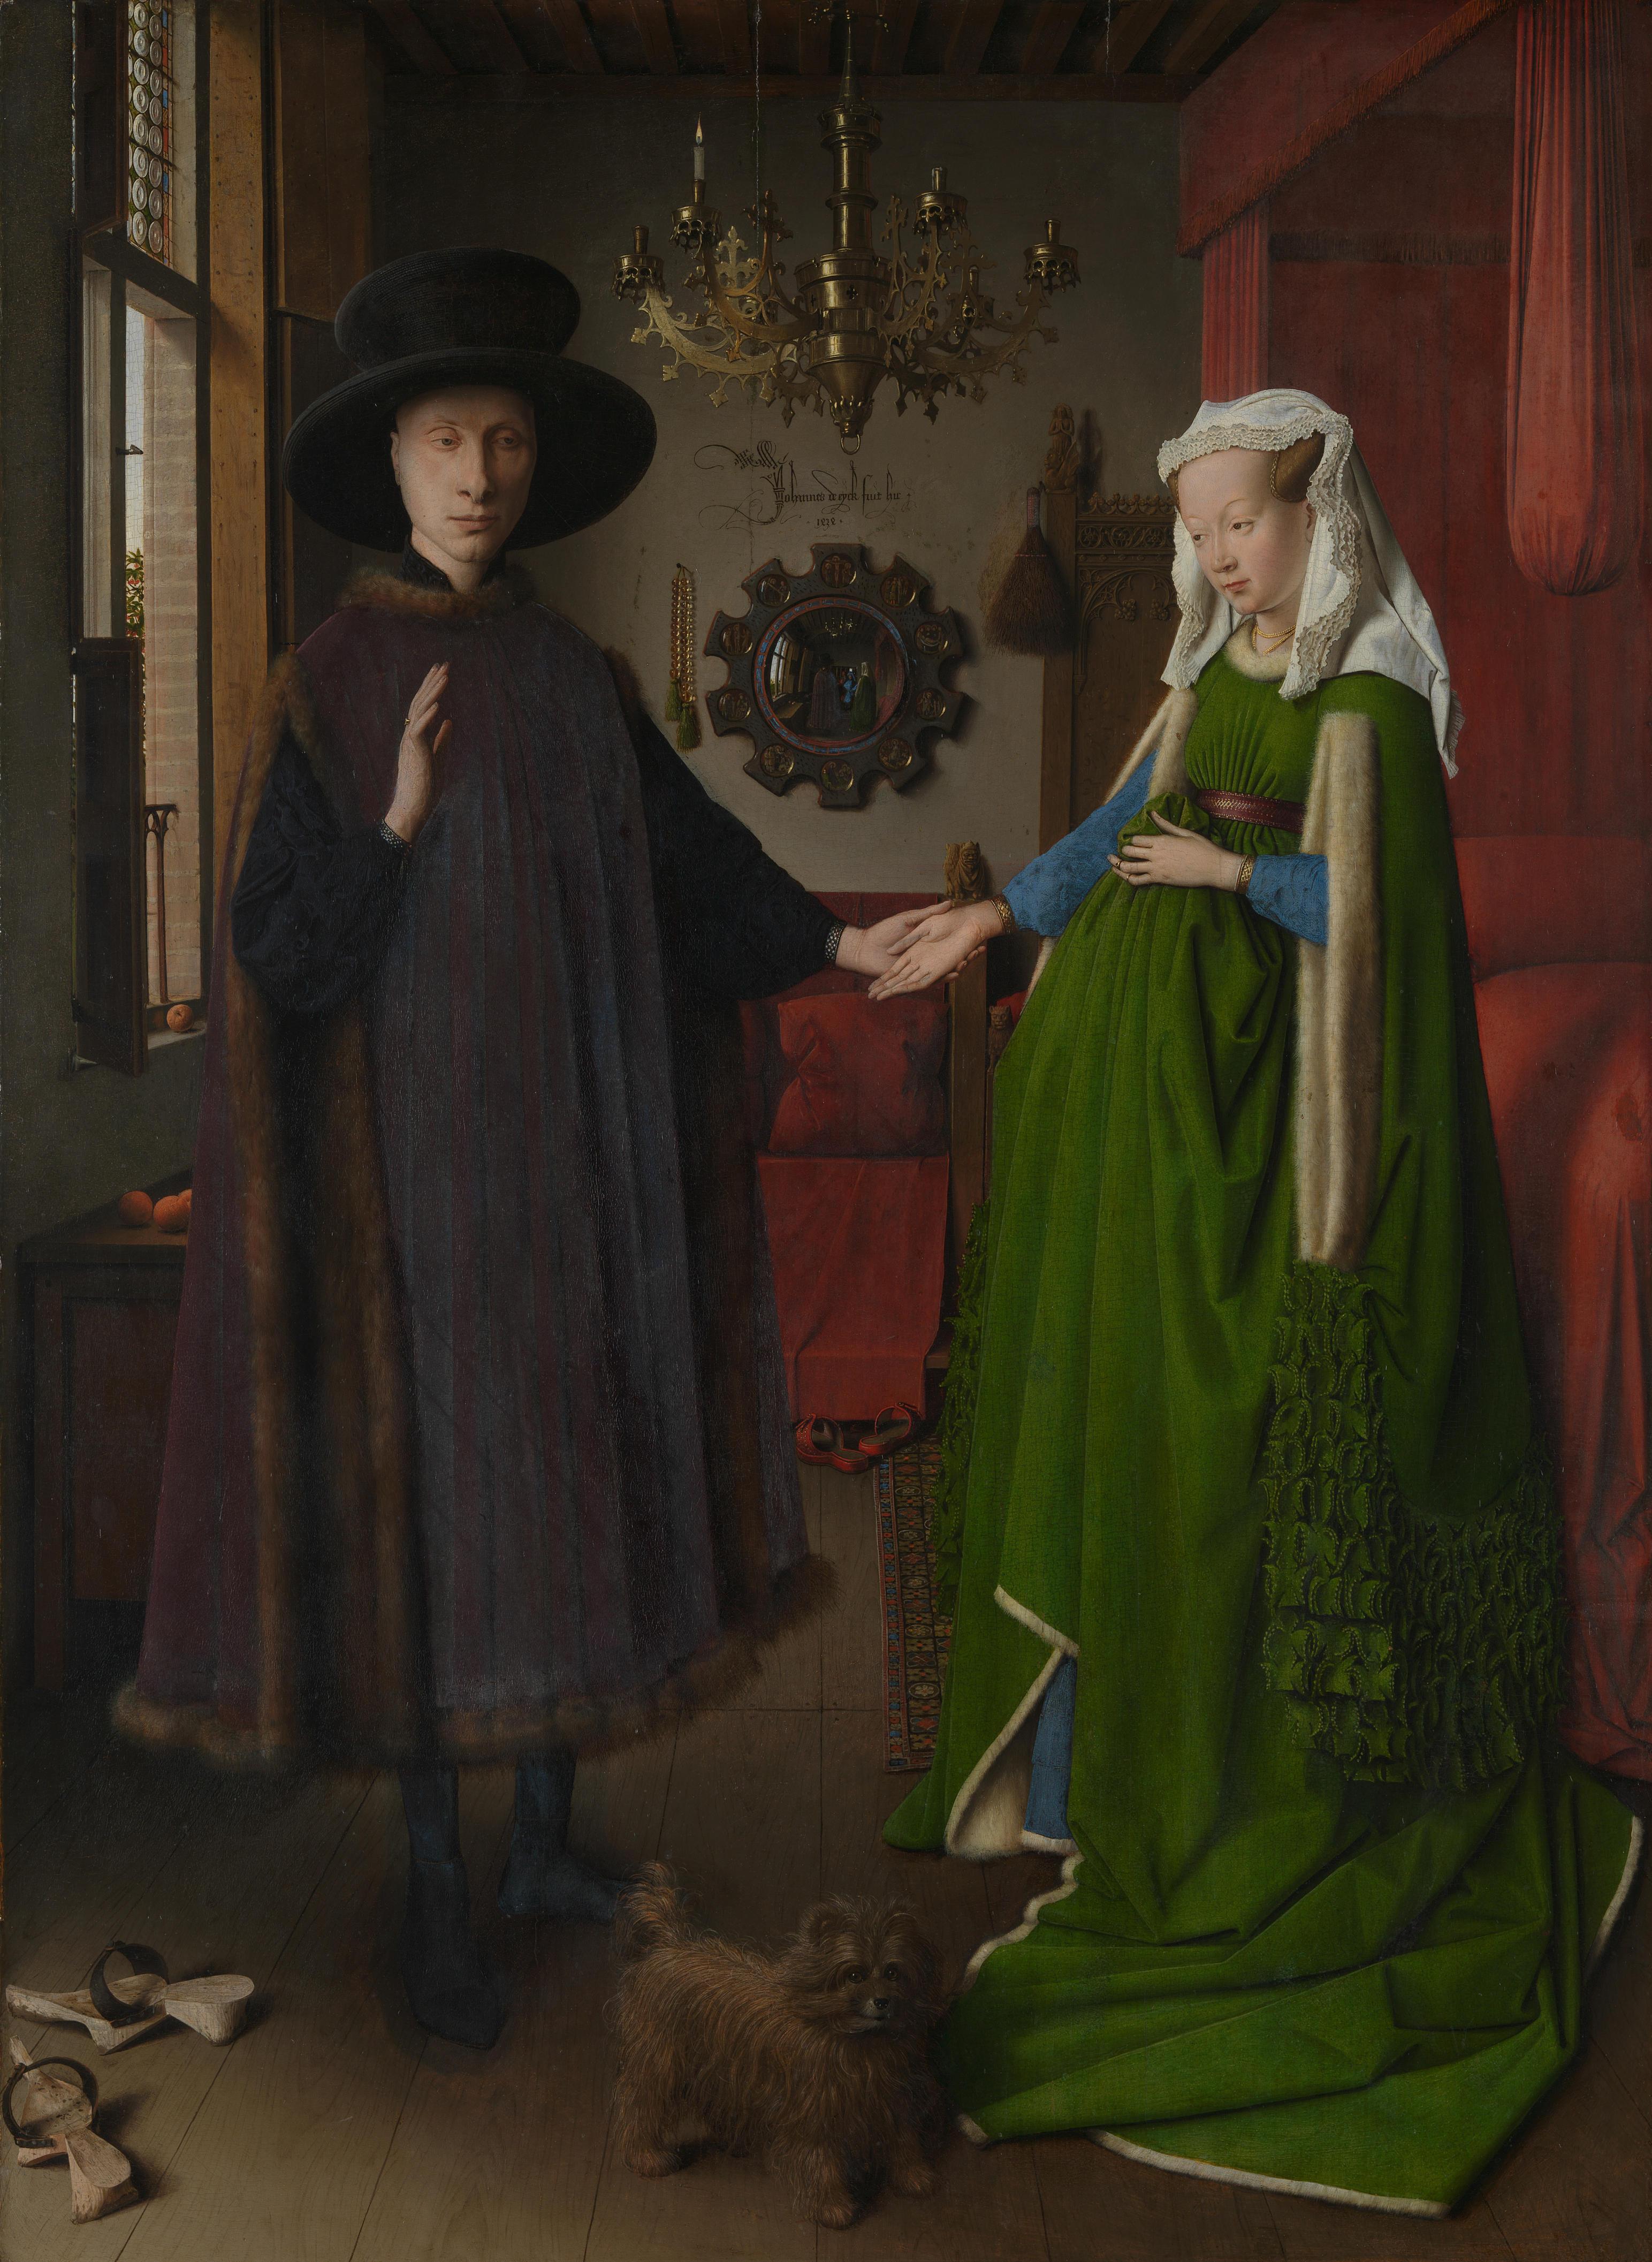 flemish paint work